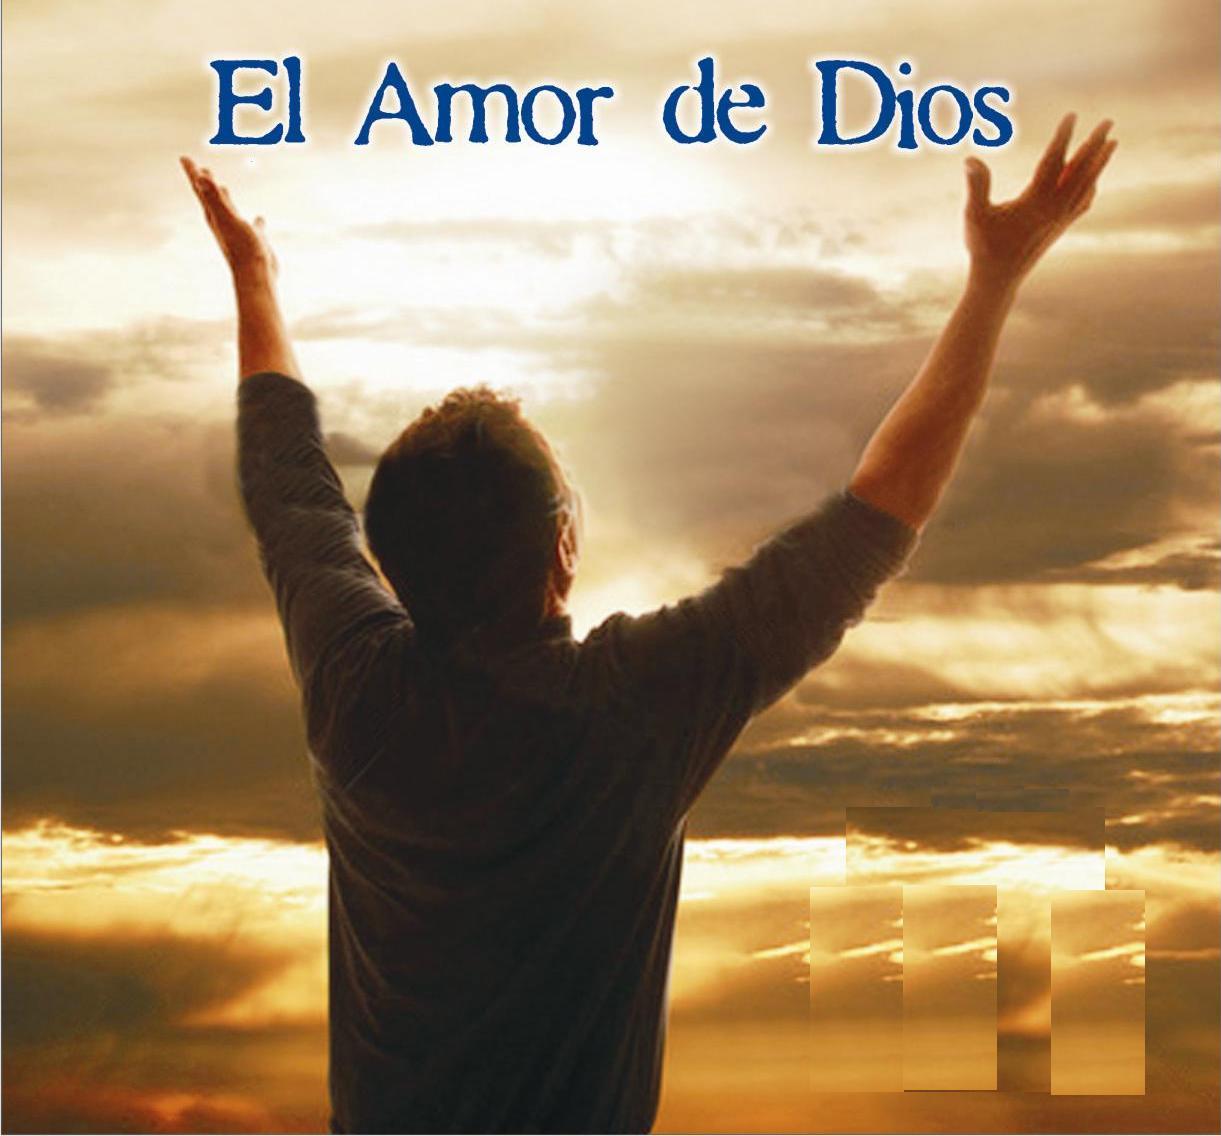 Free Inspired: fotos de amor de emos - blogspot.com